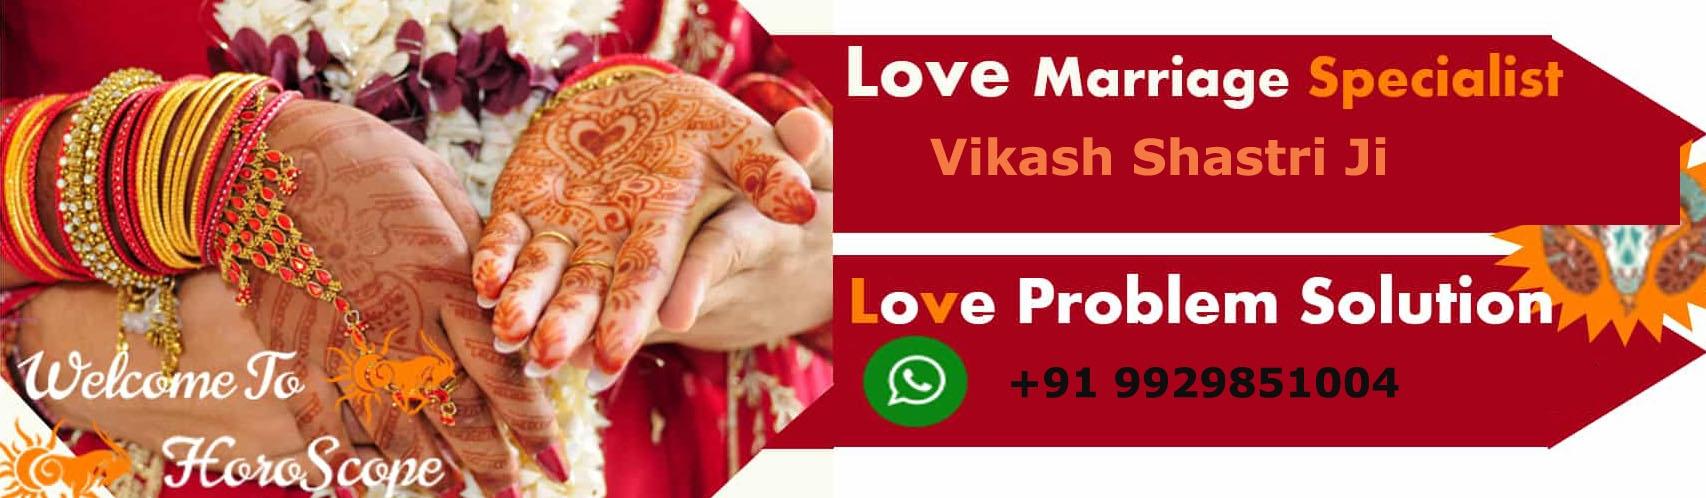 Vikash Shastri Ji (@astrovikashguru) Cover Image